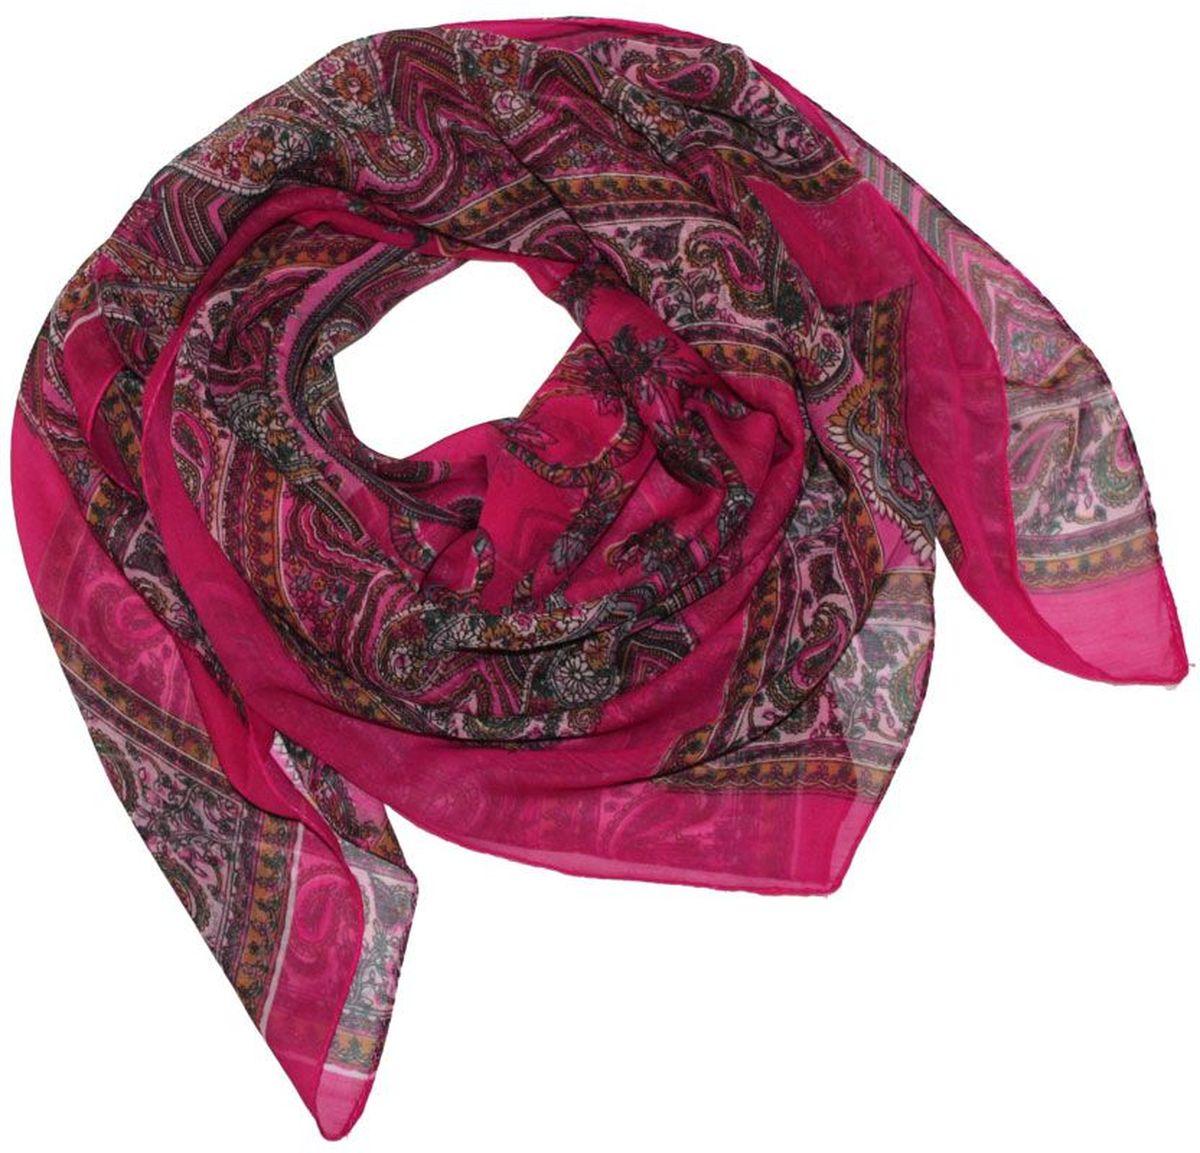 Платок524040нПлаток Ethnica, выполненный из вискозы, гармонично дополнит образ современной женщины. Благодаря своему составу, он легкий, мягкий и приятный на ощупь. Модель оформлена оригинальным принтом. Классическая квадратная форма позволяет носить платок на шее, украшать им прическу или декорировать сумочку. С таким платком вы всегда будете выглядеть женственно и привлекательно.